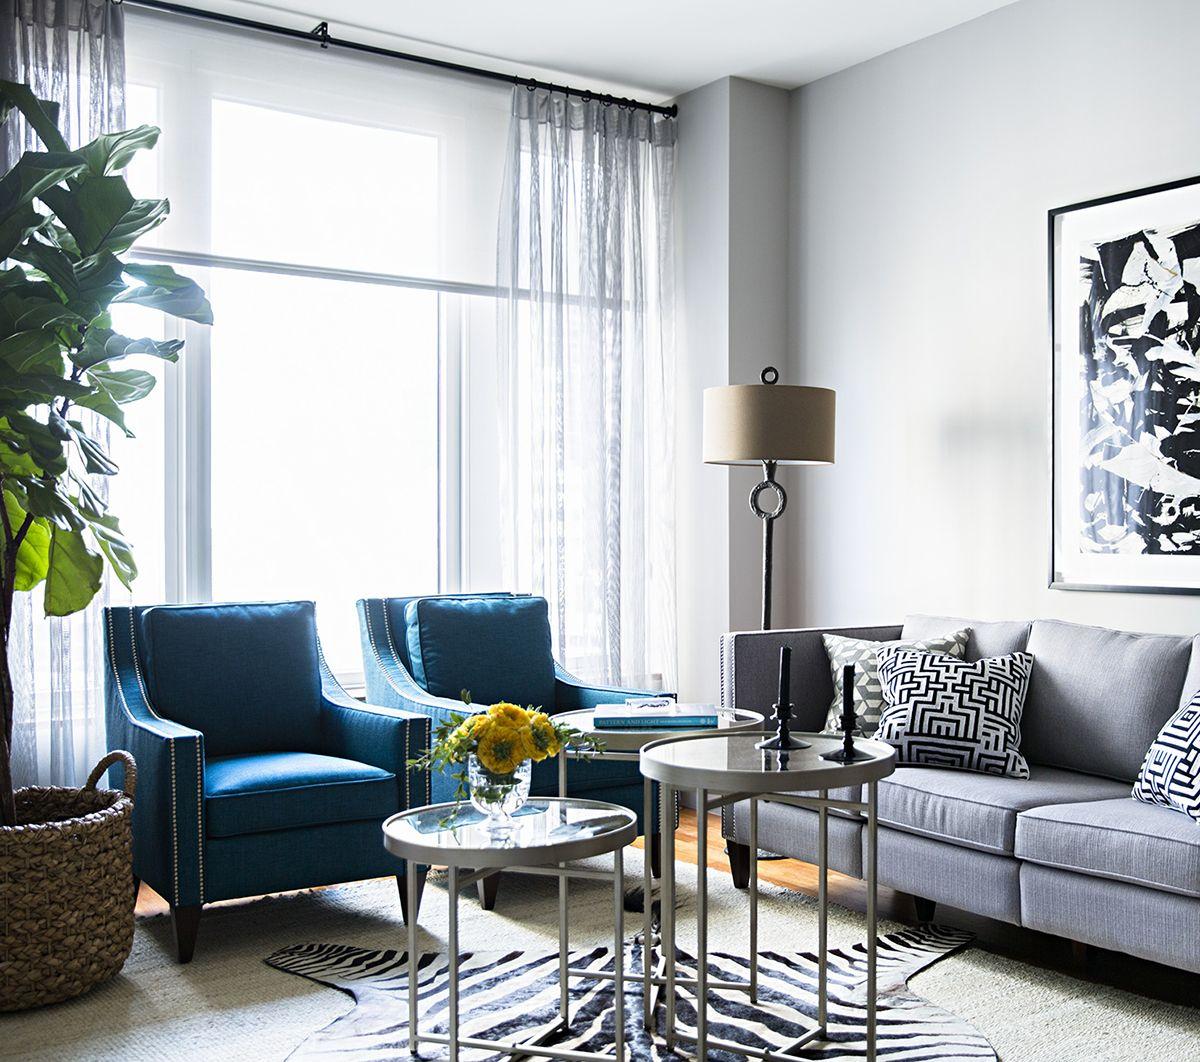 For this Domino Shophouse living room, designer Antonino ...